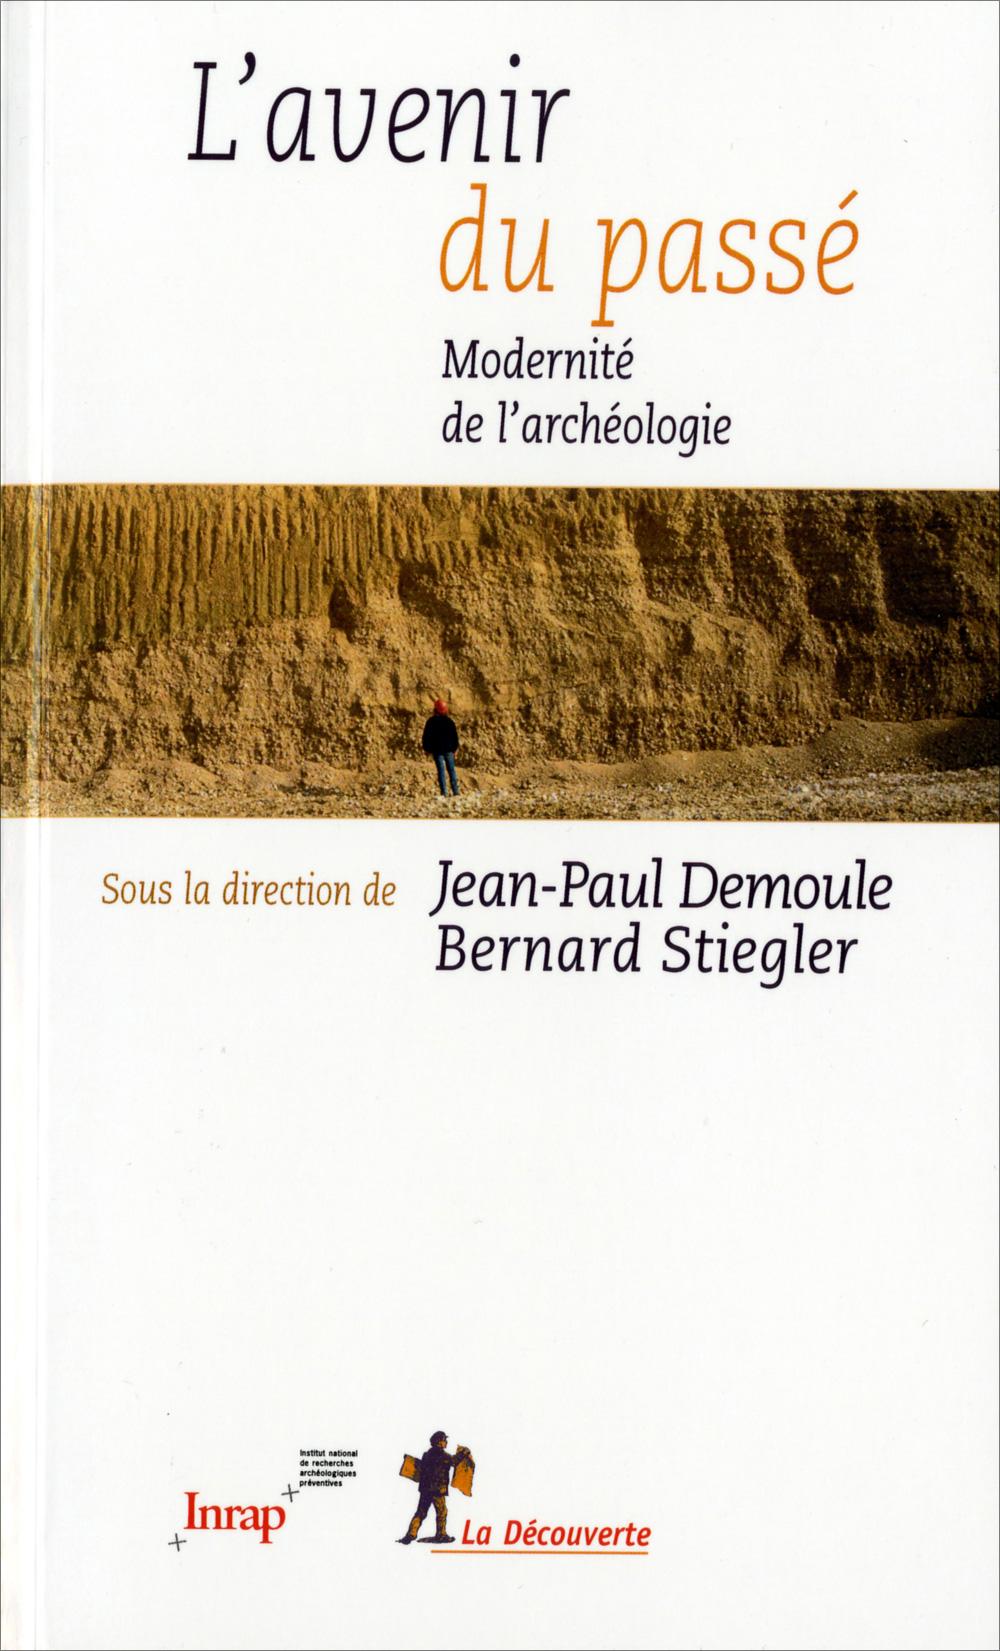 L'avenir du passé <br/>Modernité de l'archéologie